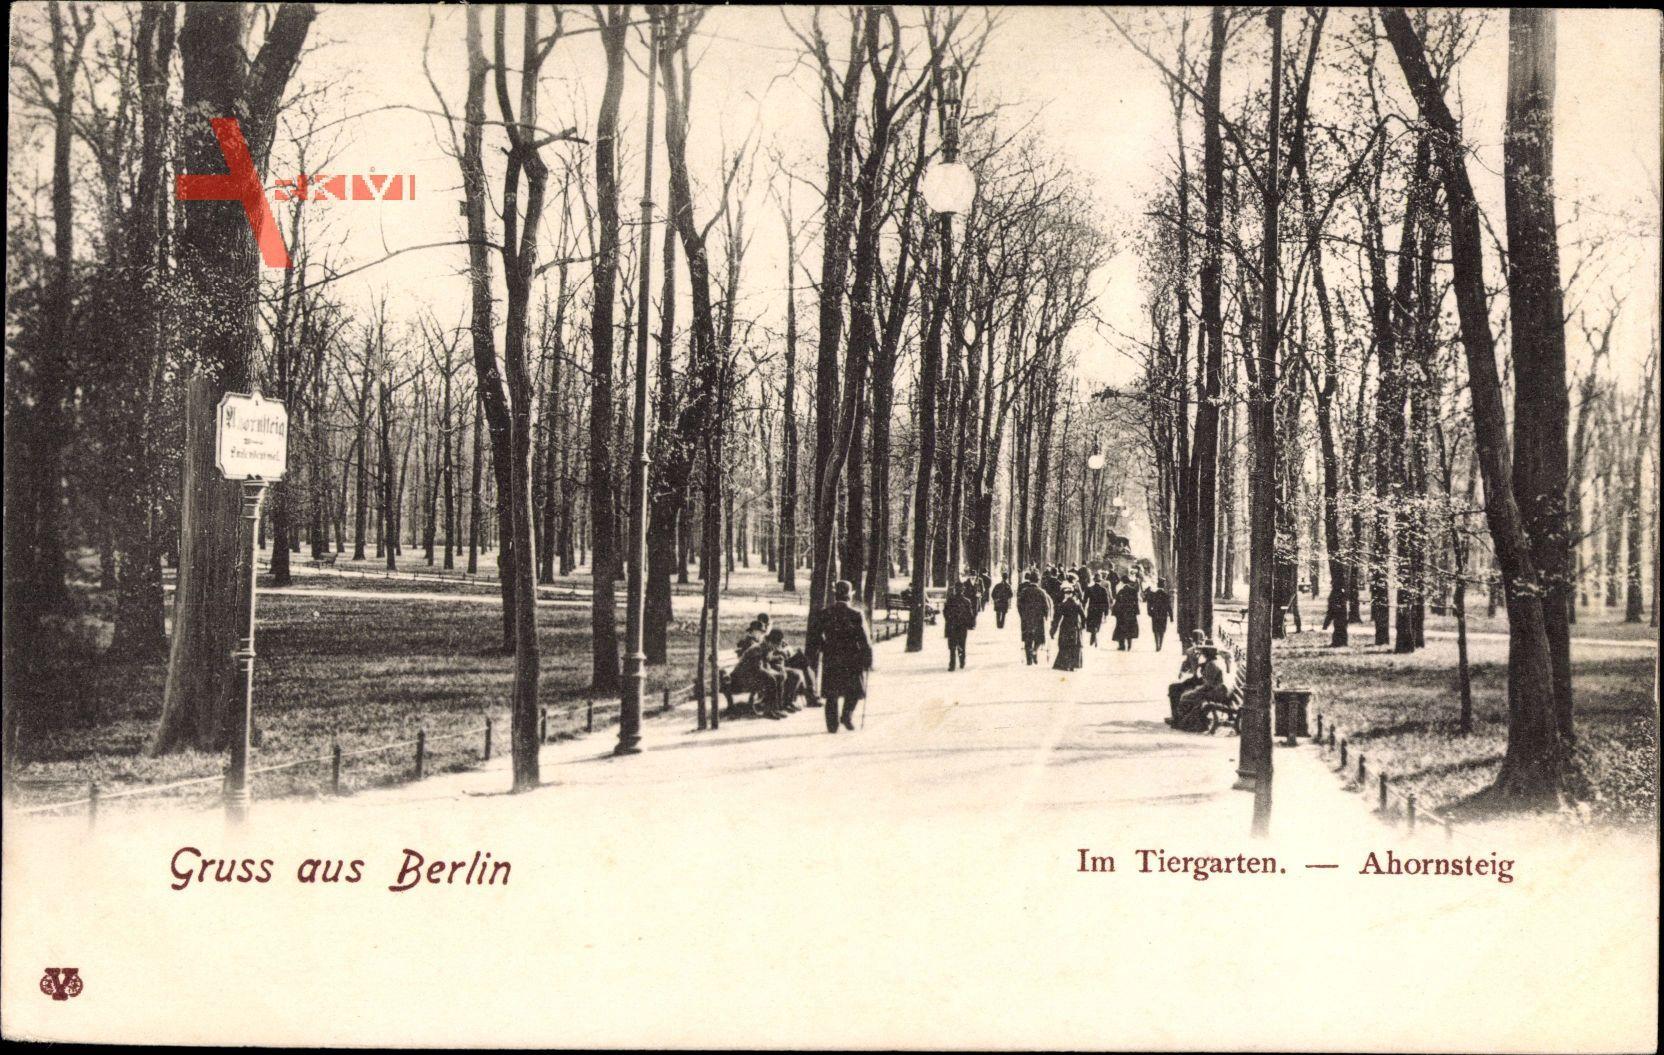 Berlin Tiergarten, Partie im Tiergarten im Winter, Ahornsteig